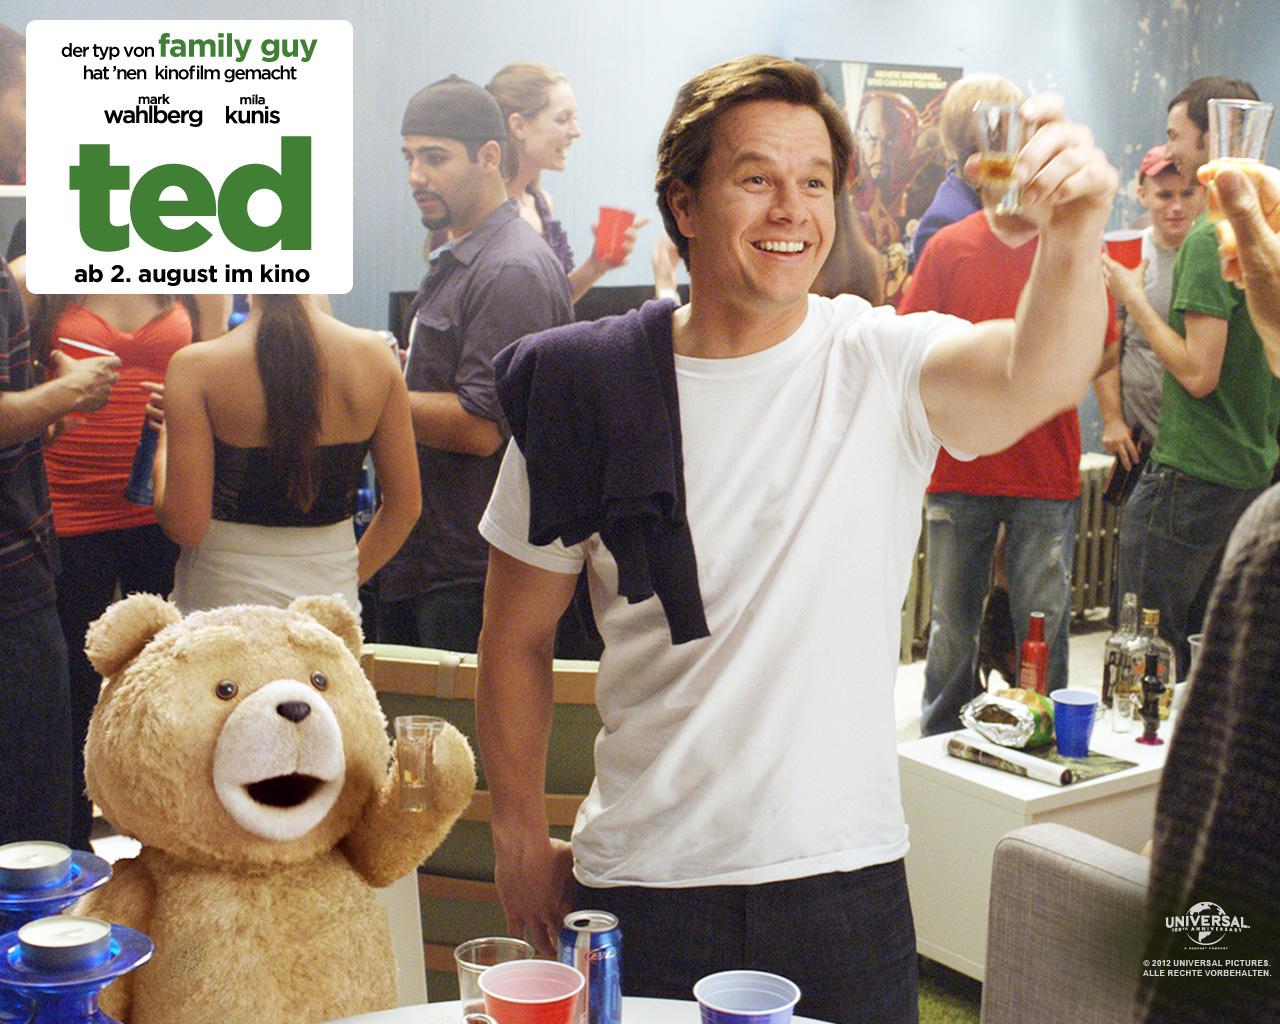 Ted – Wenn es gewittert, braucht jeder einen Donnerbuddy